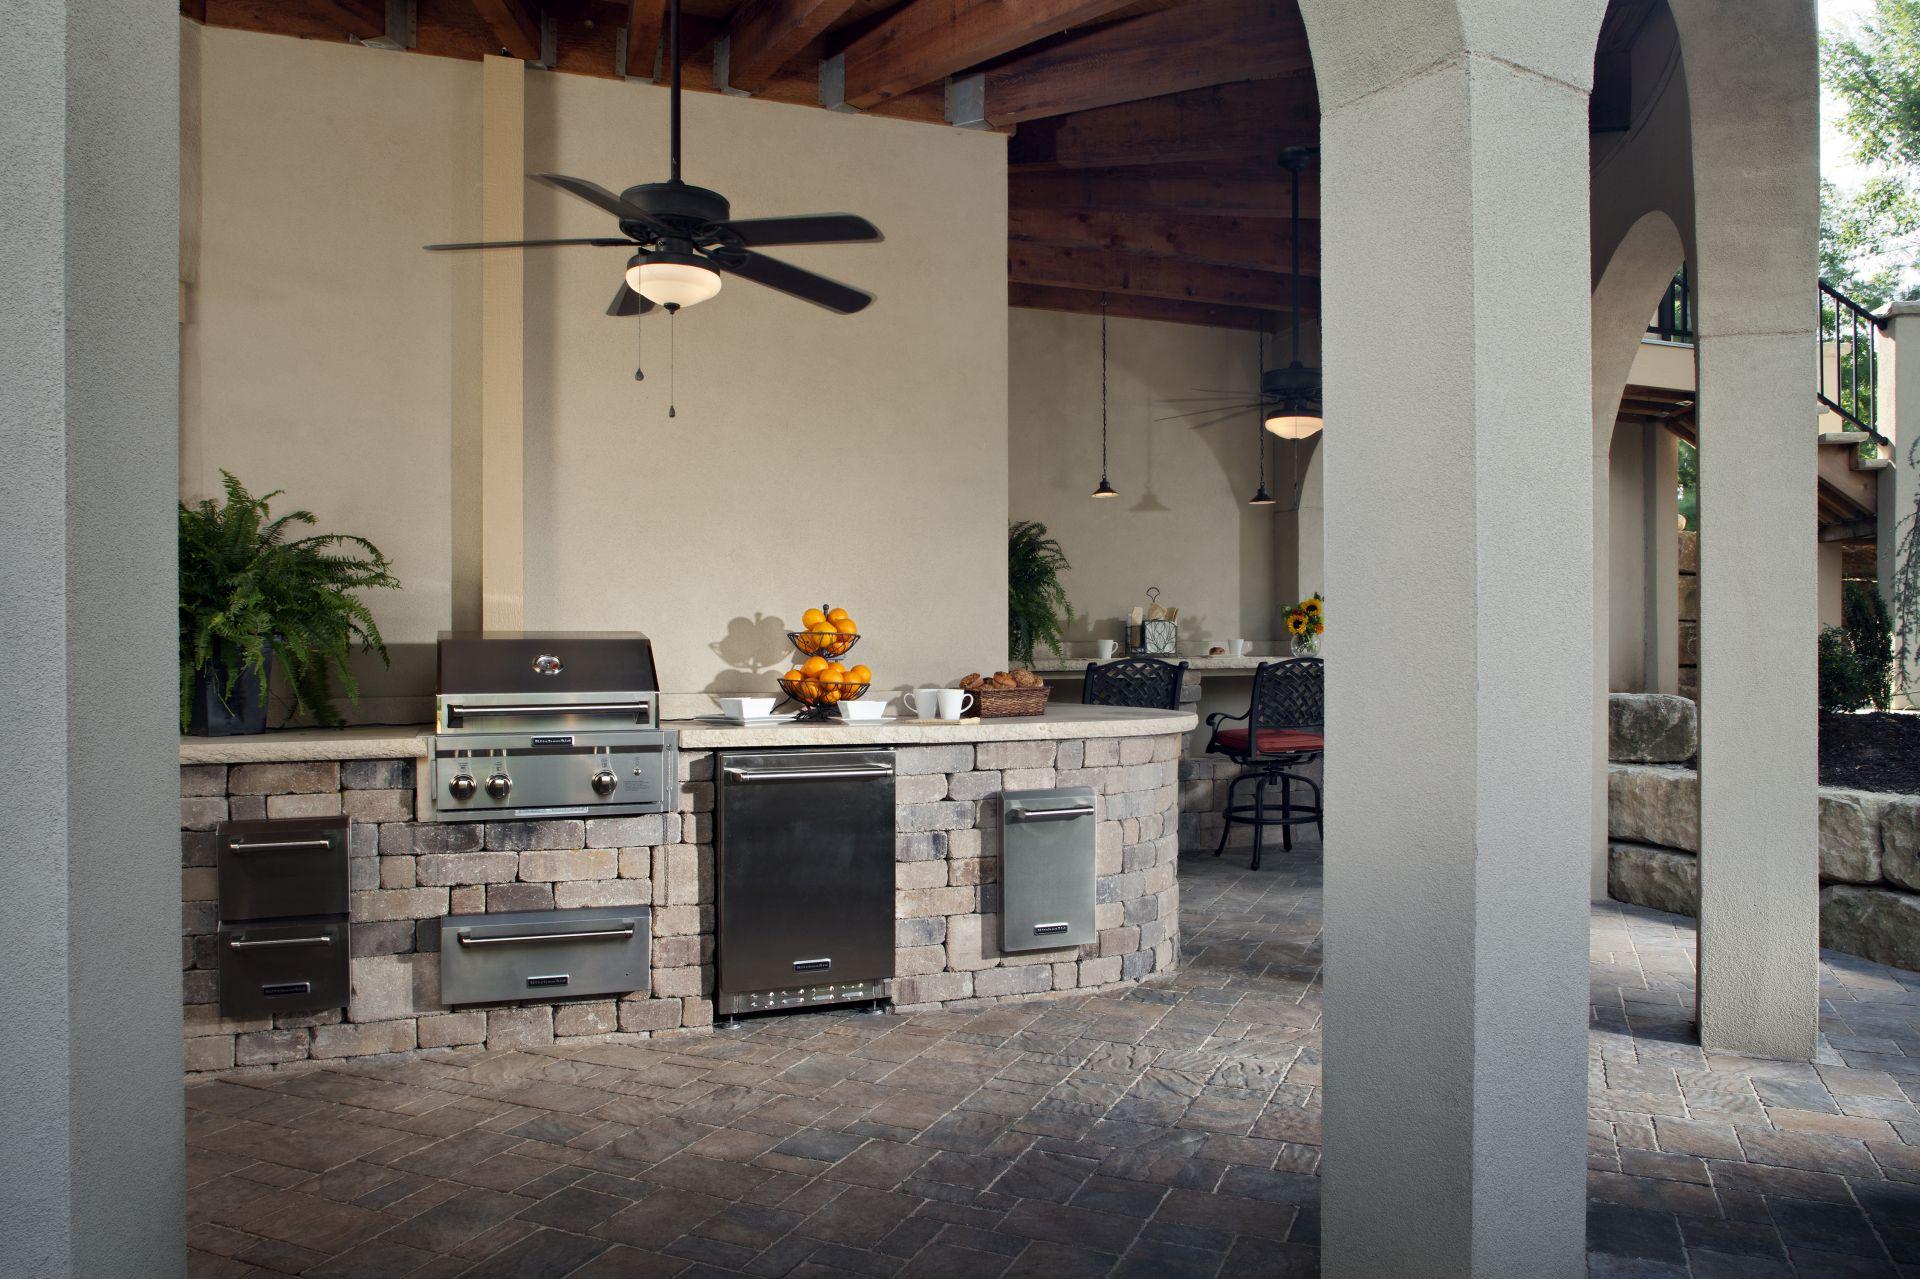 10 outdoor kitchen lighting ideas